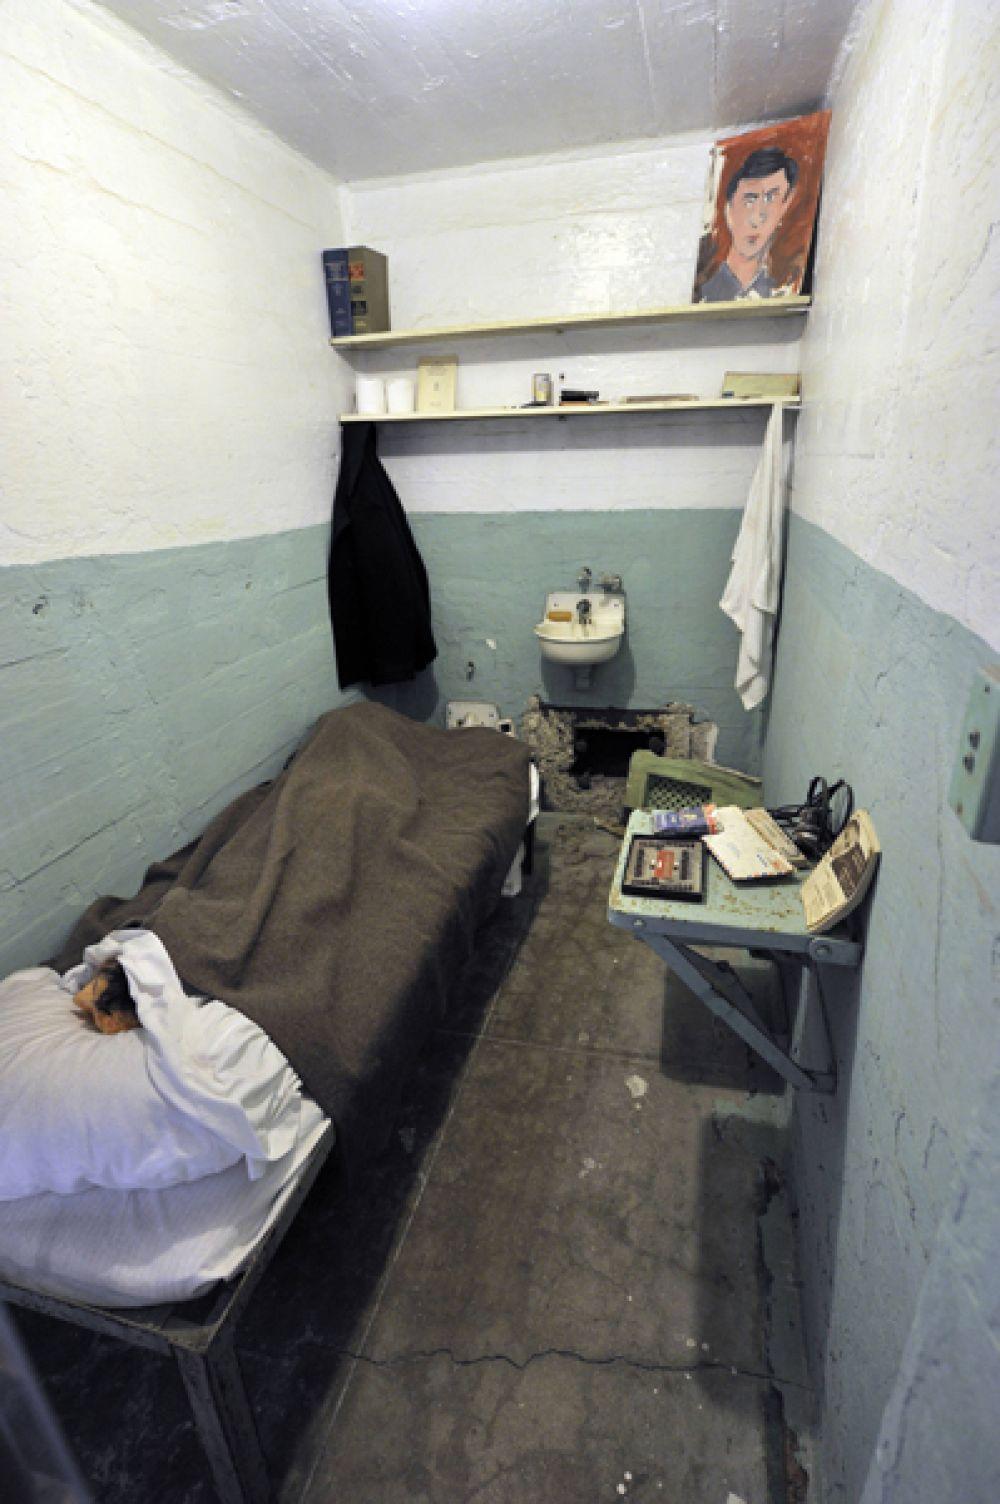 Камера. Тюремная жизнь начиналась с подъема в 6:30, заключенным давали 25 минут на уборку в камере, после чего каждый должен был подойти к решетке для переклички. Если все были на месте в 6:55, индивидуальные ряды камер открывались один за другим, и заключенные двигались в тюремную столовую.